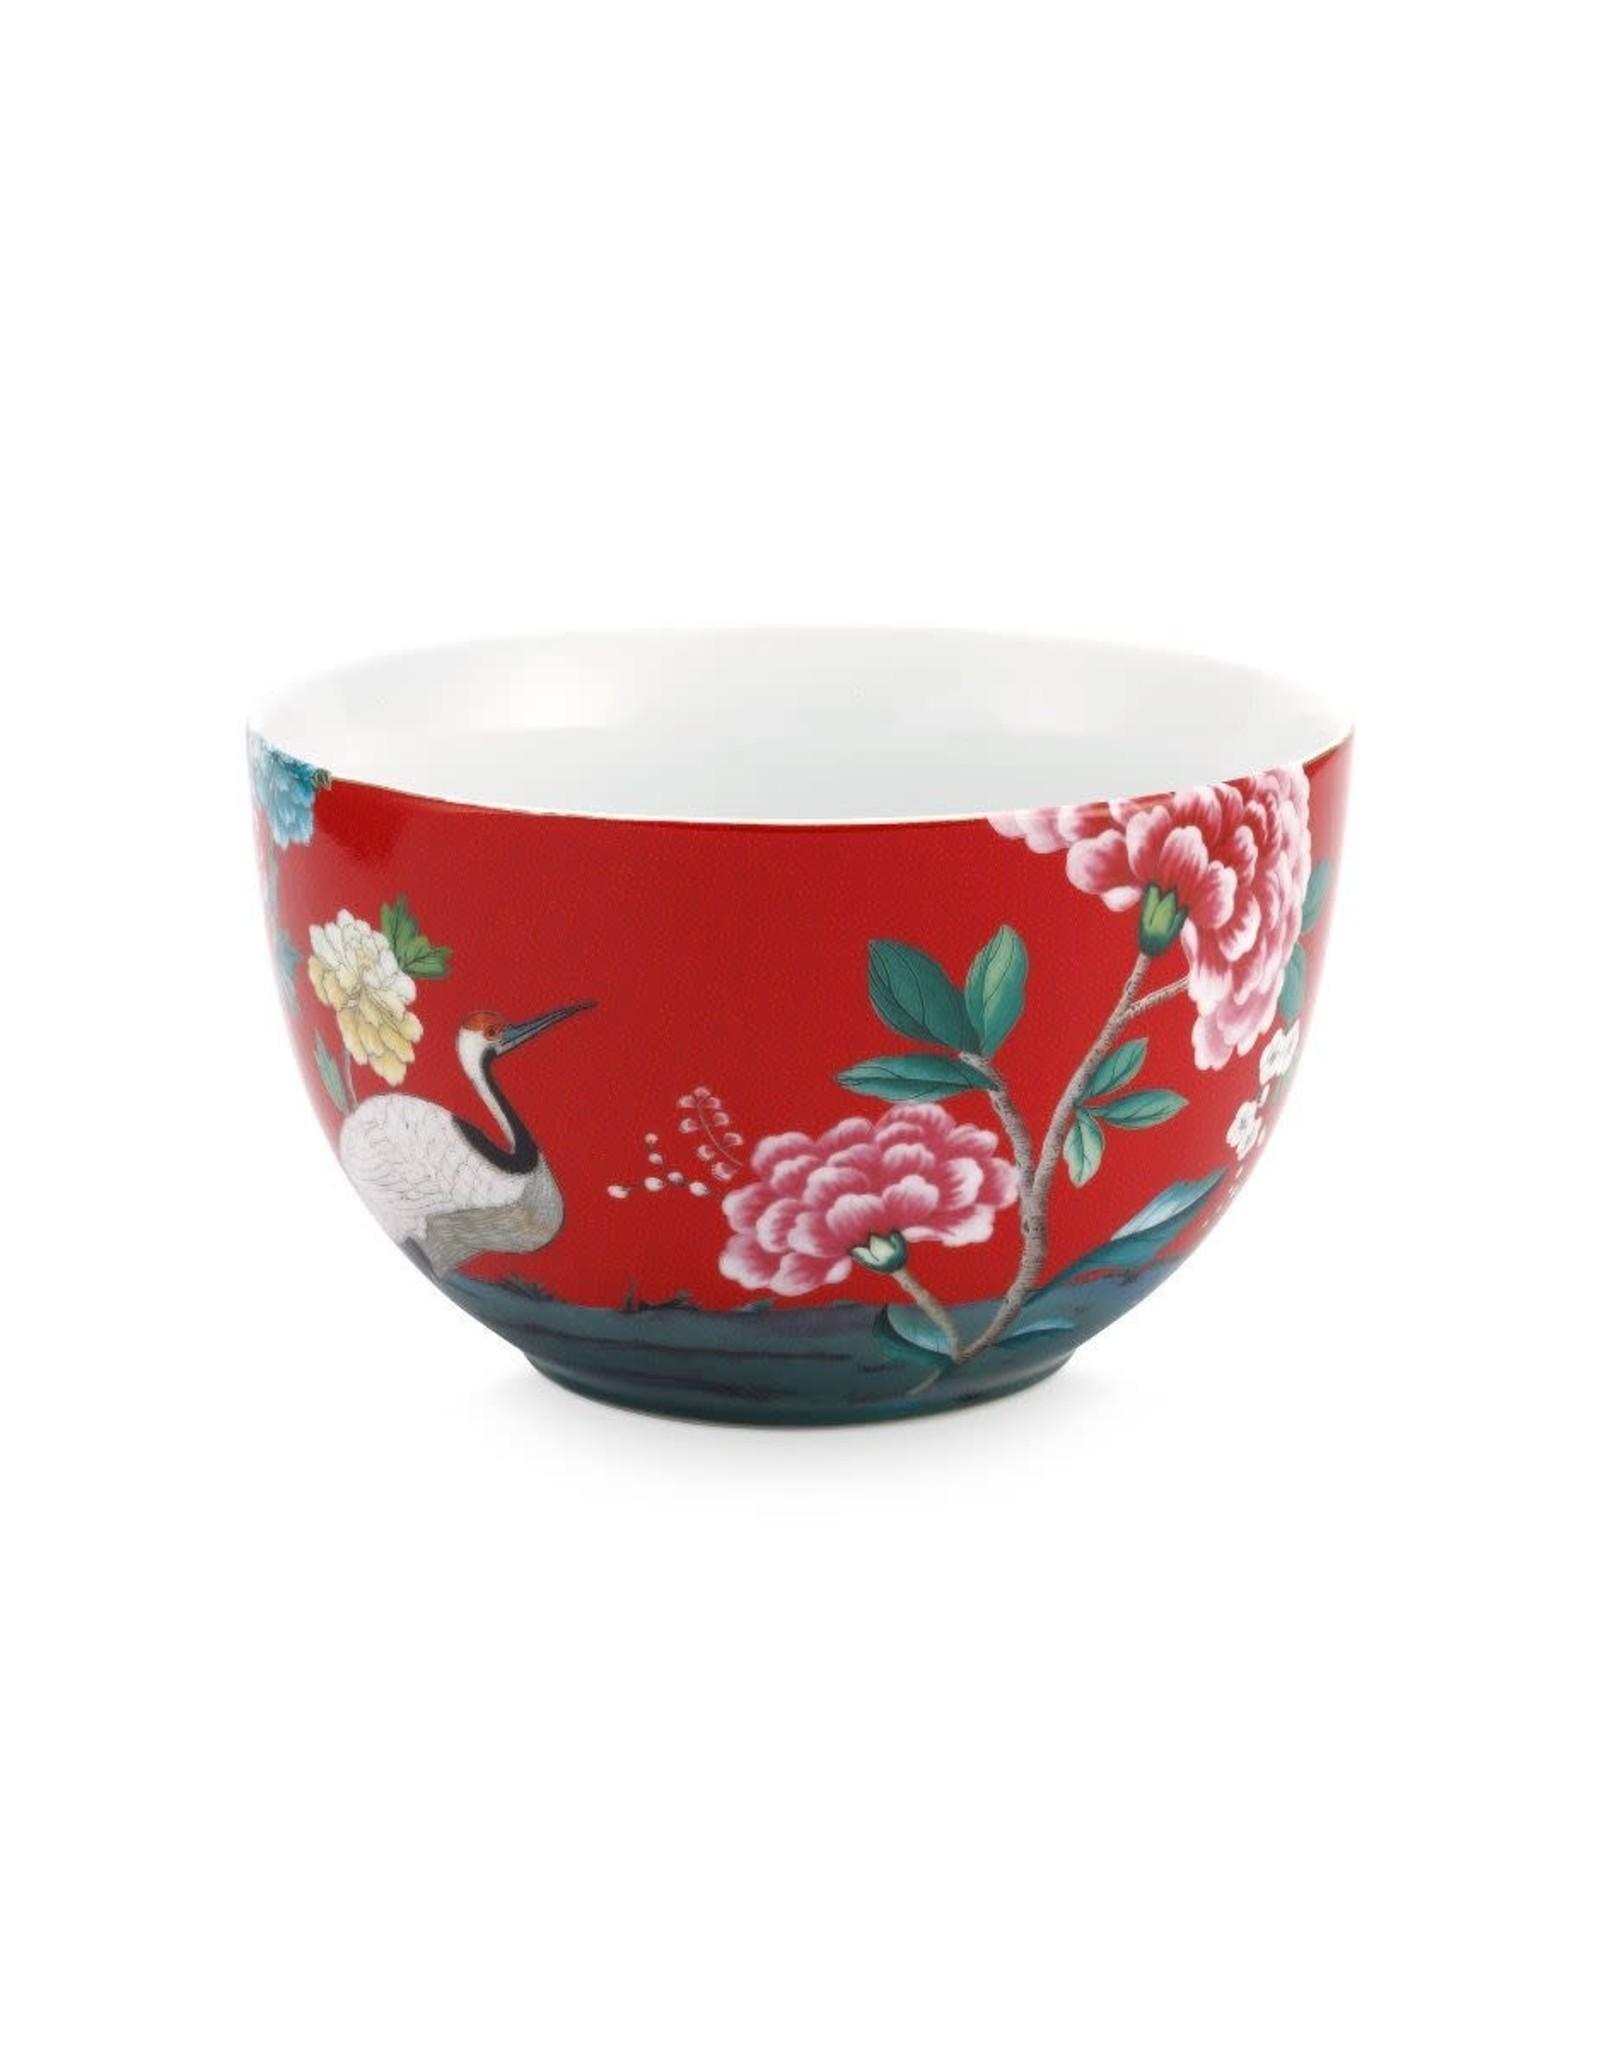 pip-studio Pip Studio. Bowl Blushing Birds Red 23cm